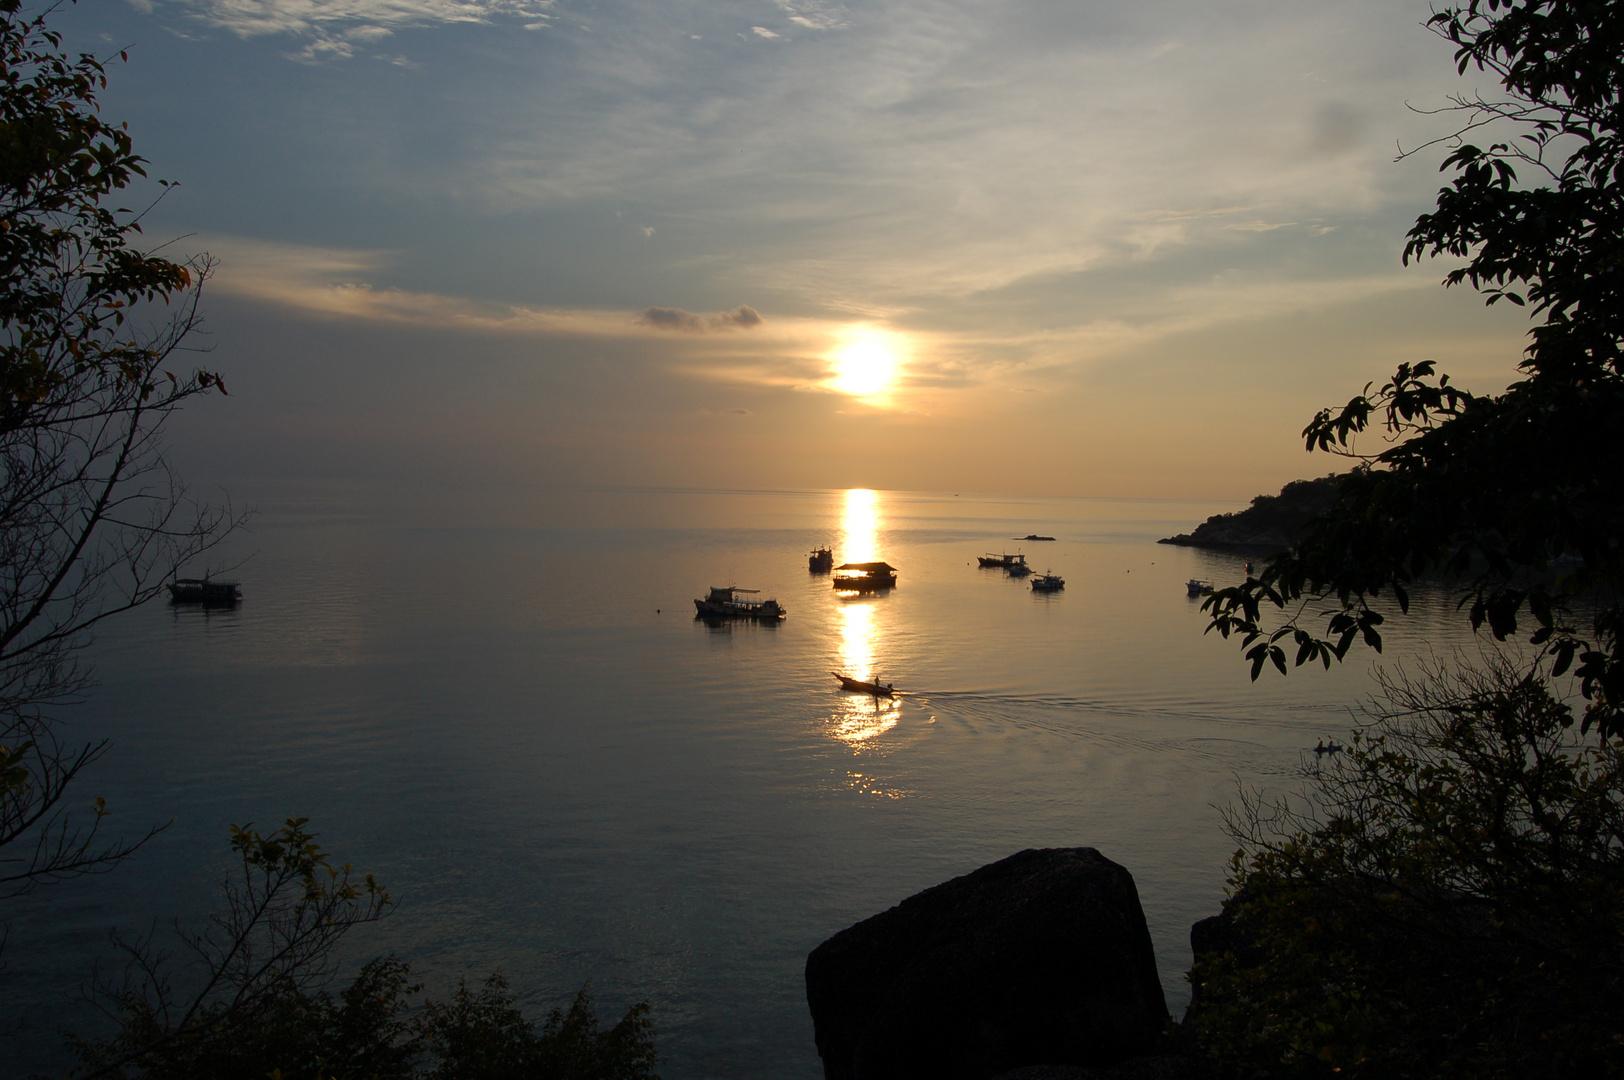 Sunset @ Koh Tao